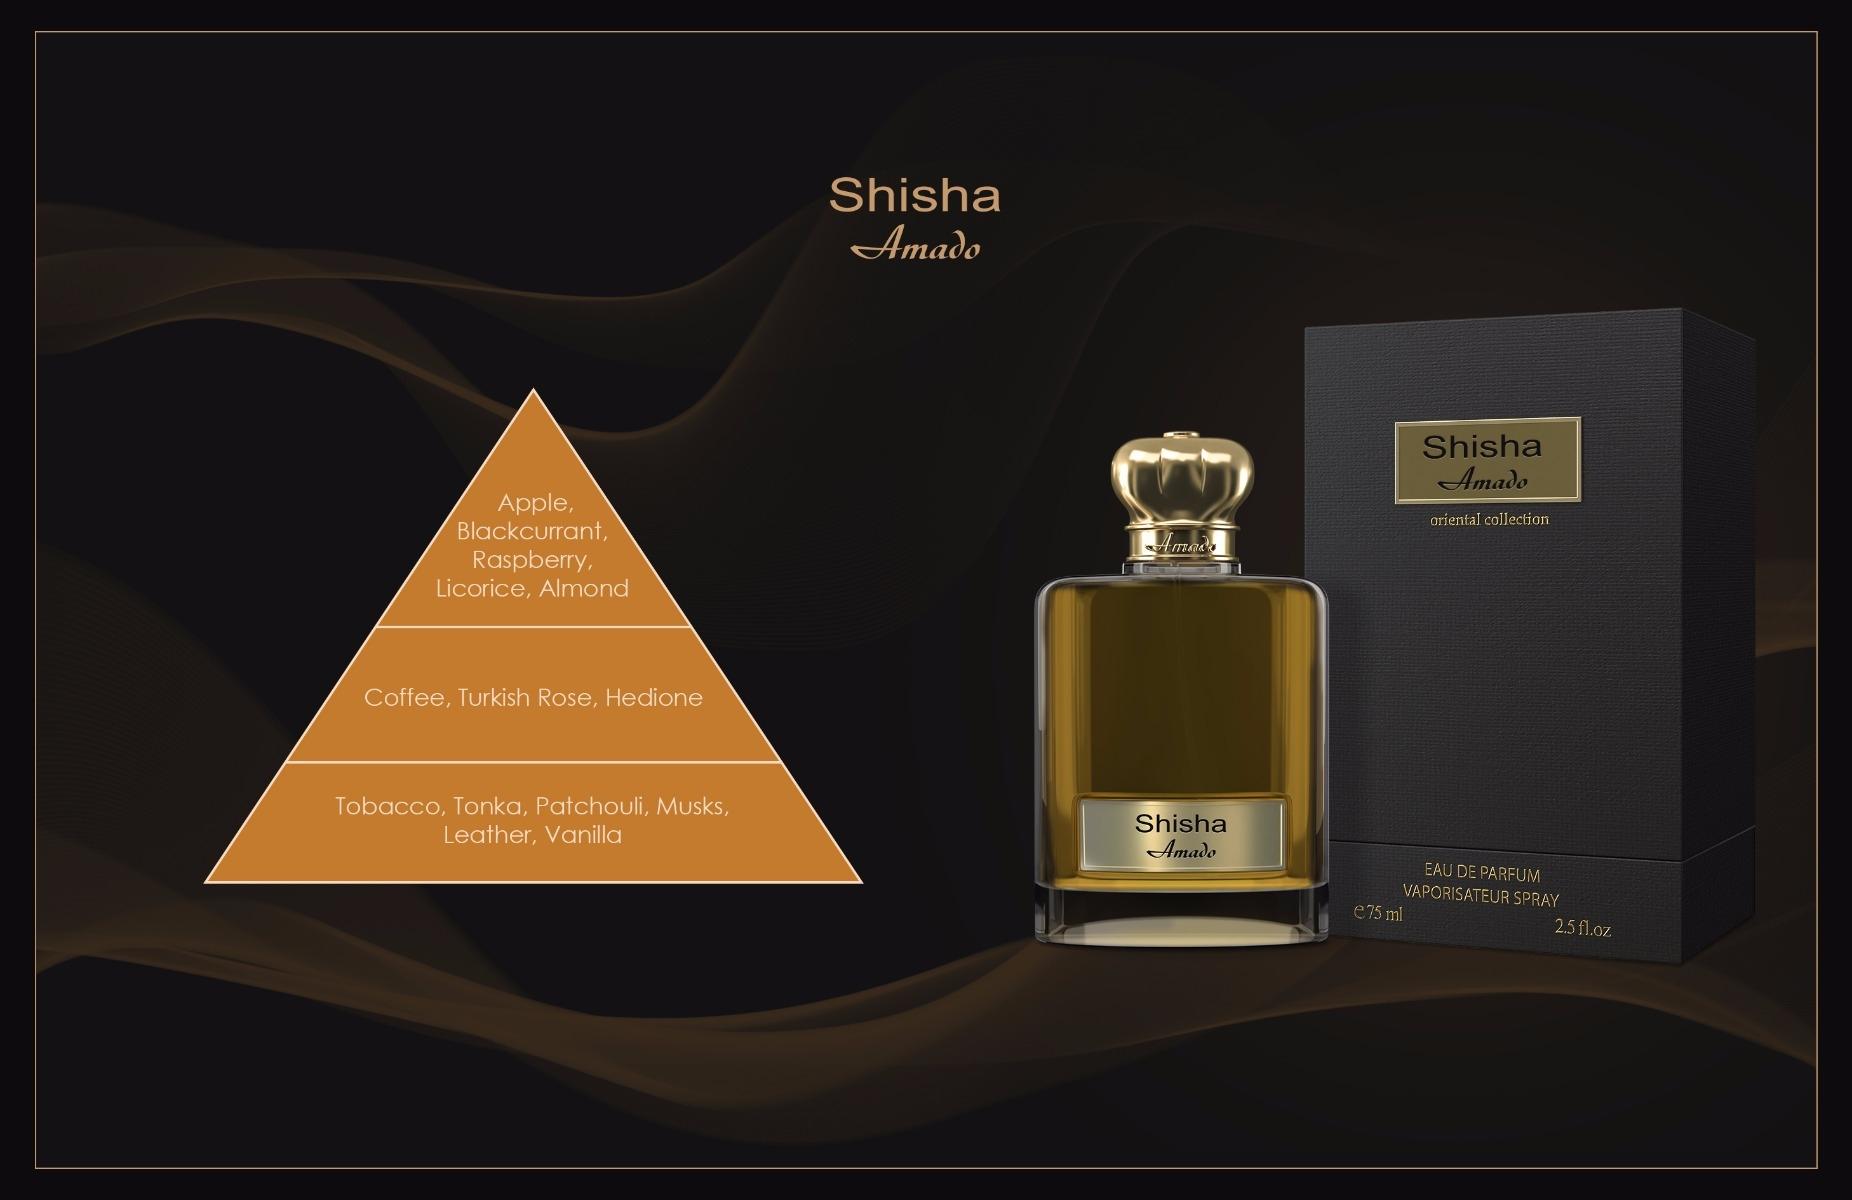 Shisha French Perfumes Amado Perfume